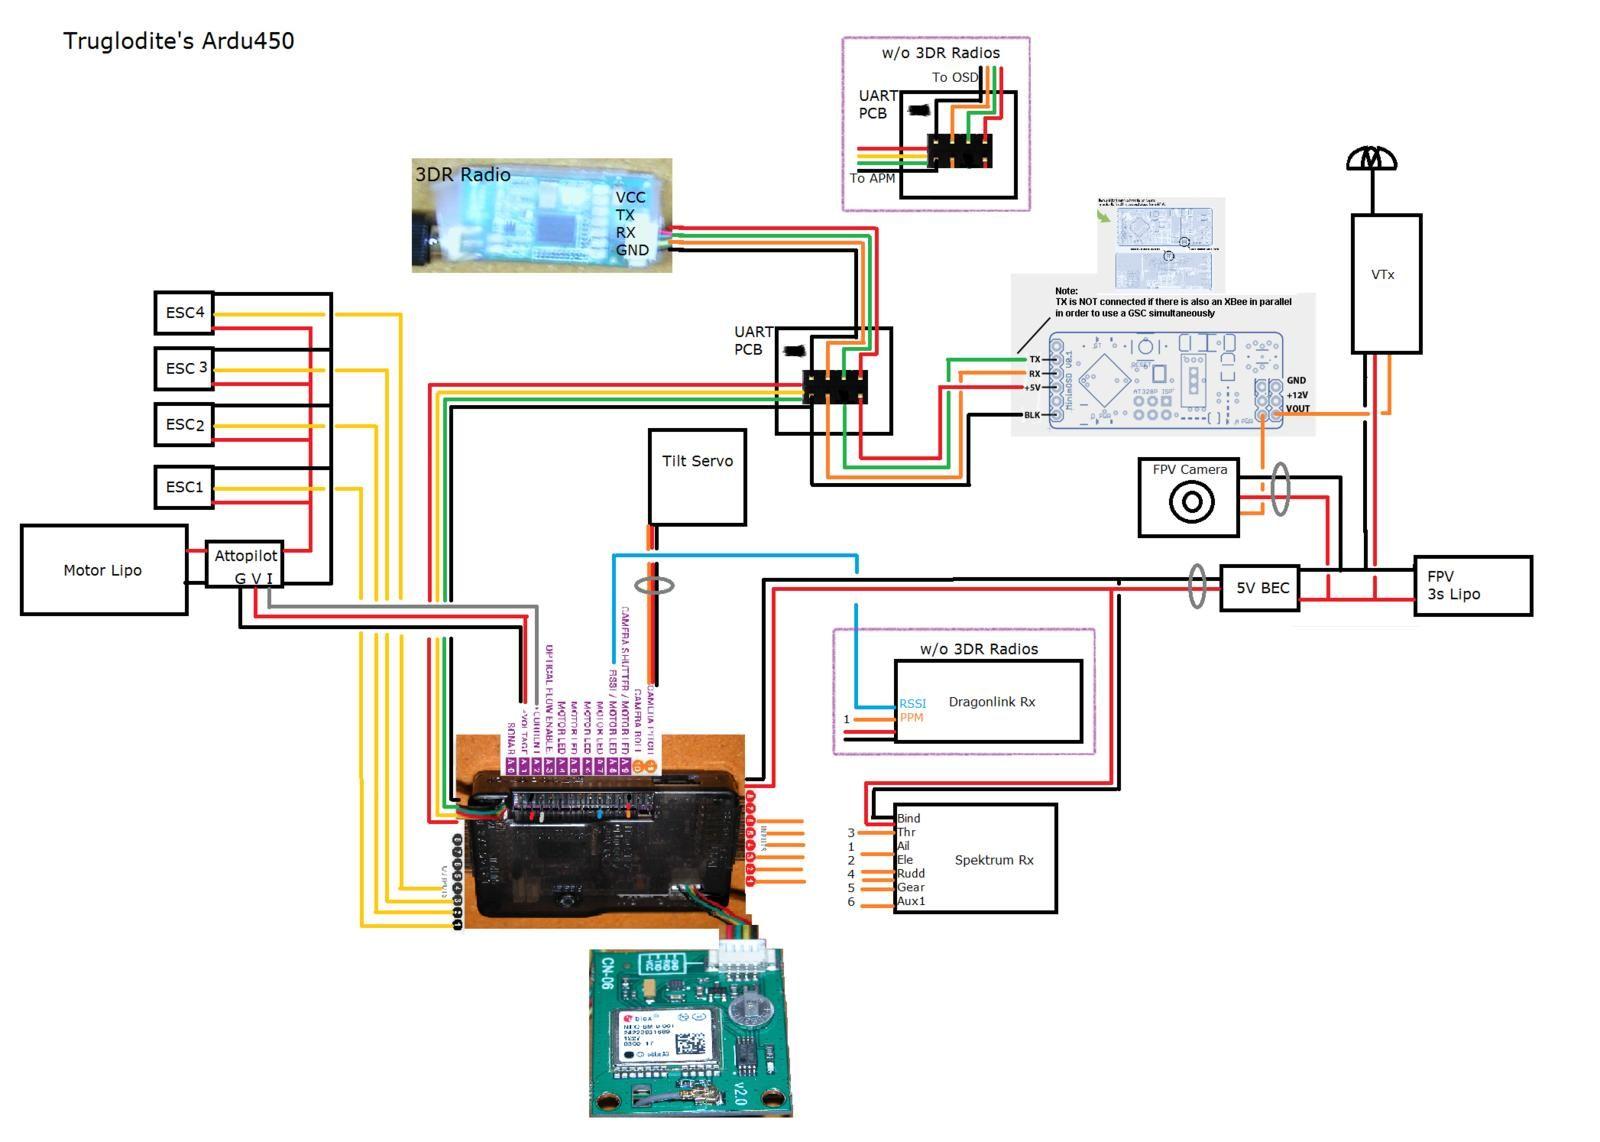 apm 2 5 wiring diagram wiring diagram dat apm 2 5 wiring diagram [ 1600 x 1142 Pixel ]